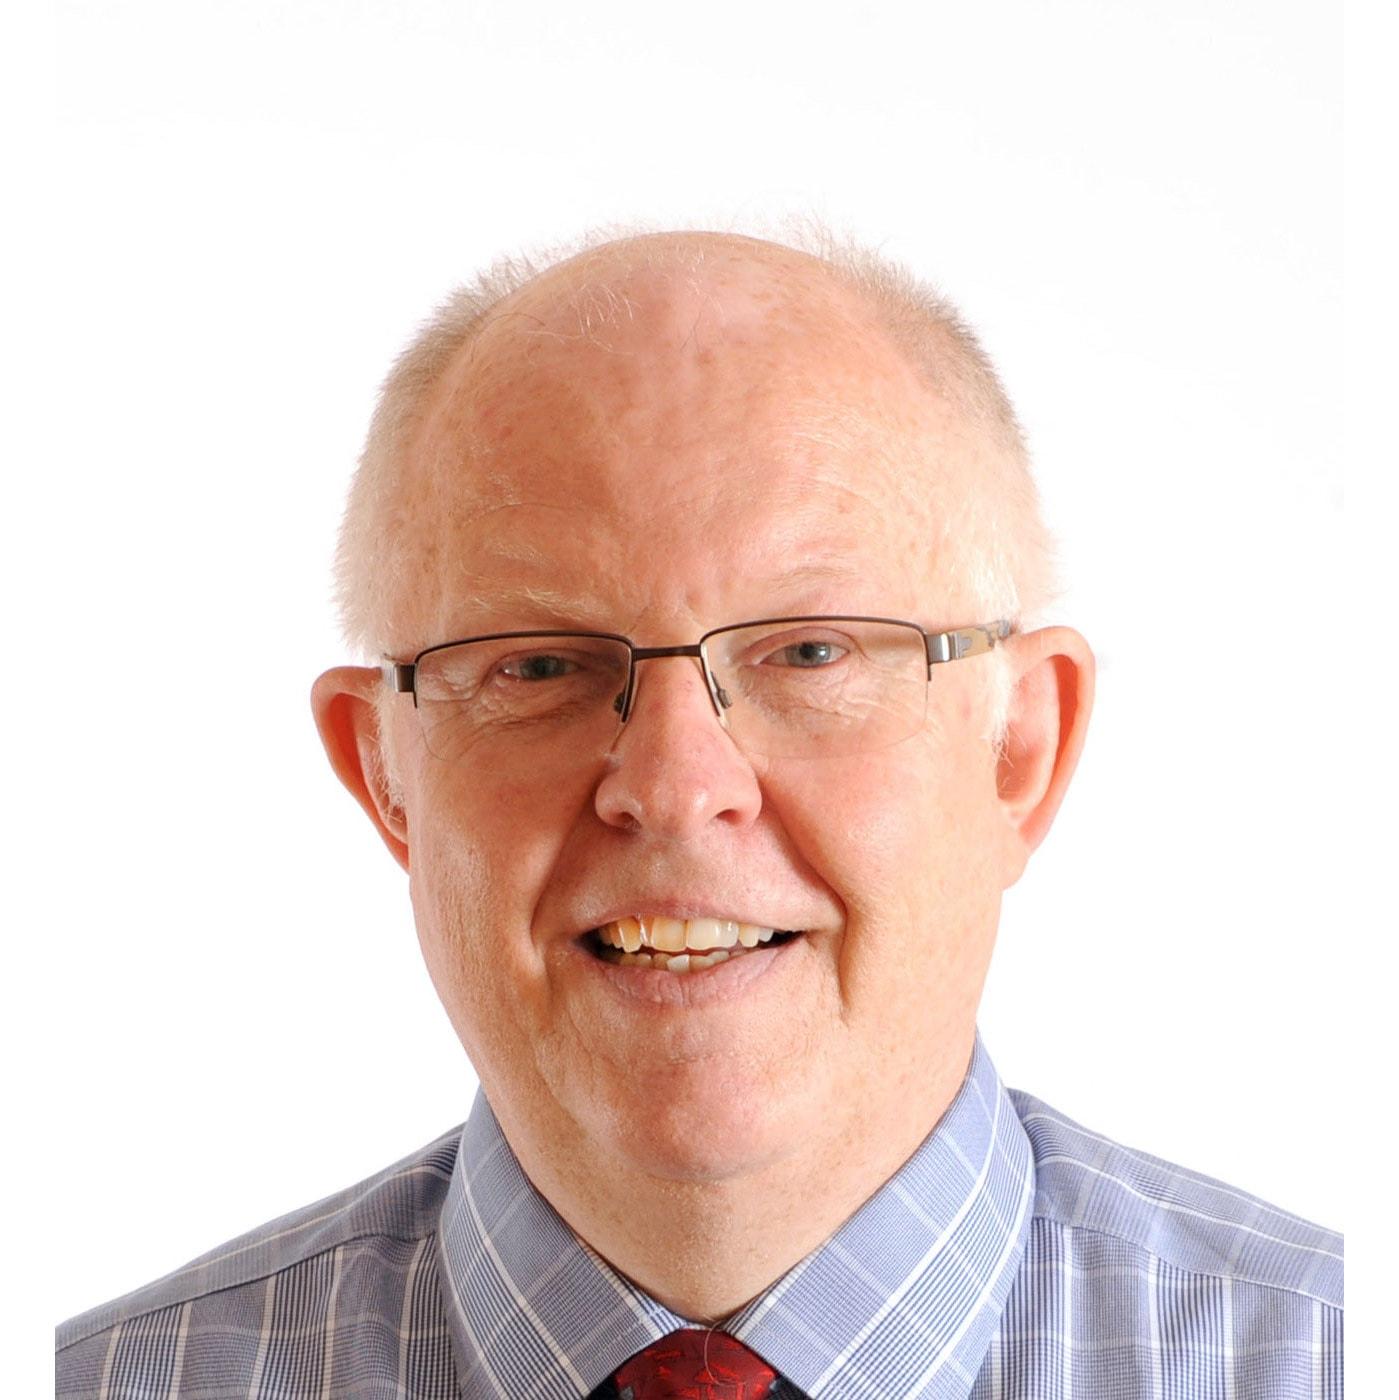 Dr. med. Frank Doht-Rügemer